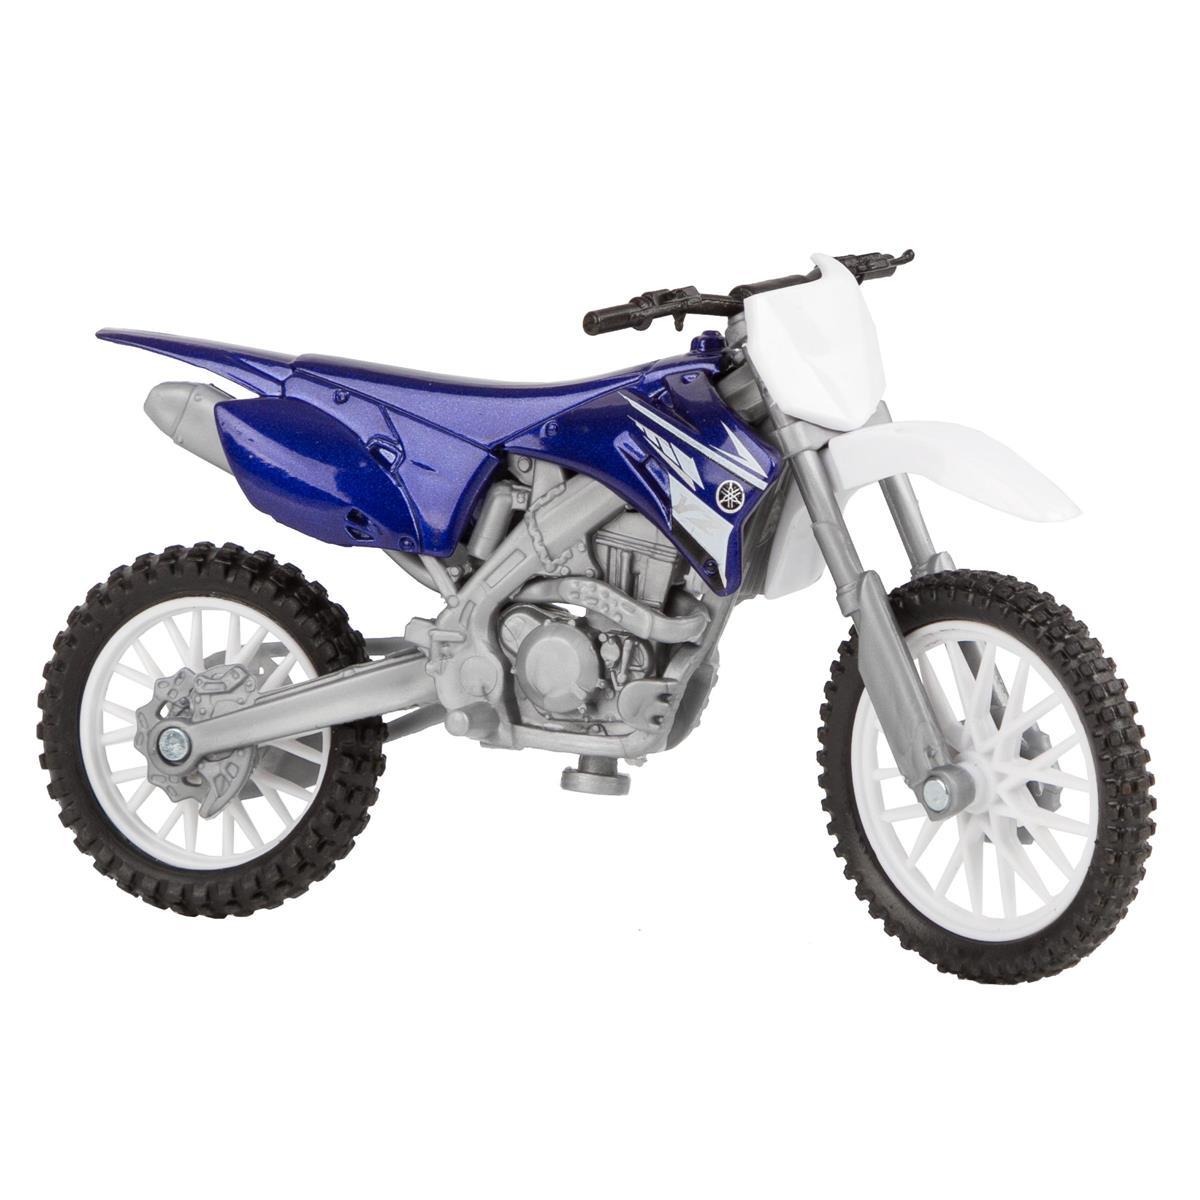 Miniatuur Motorradmodell - Yamaha Cross  1:18